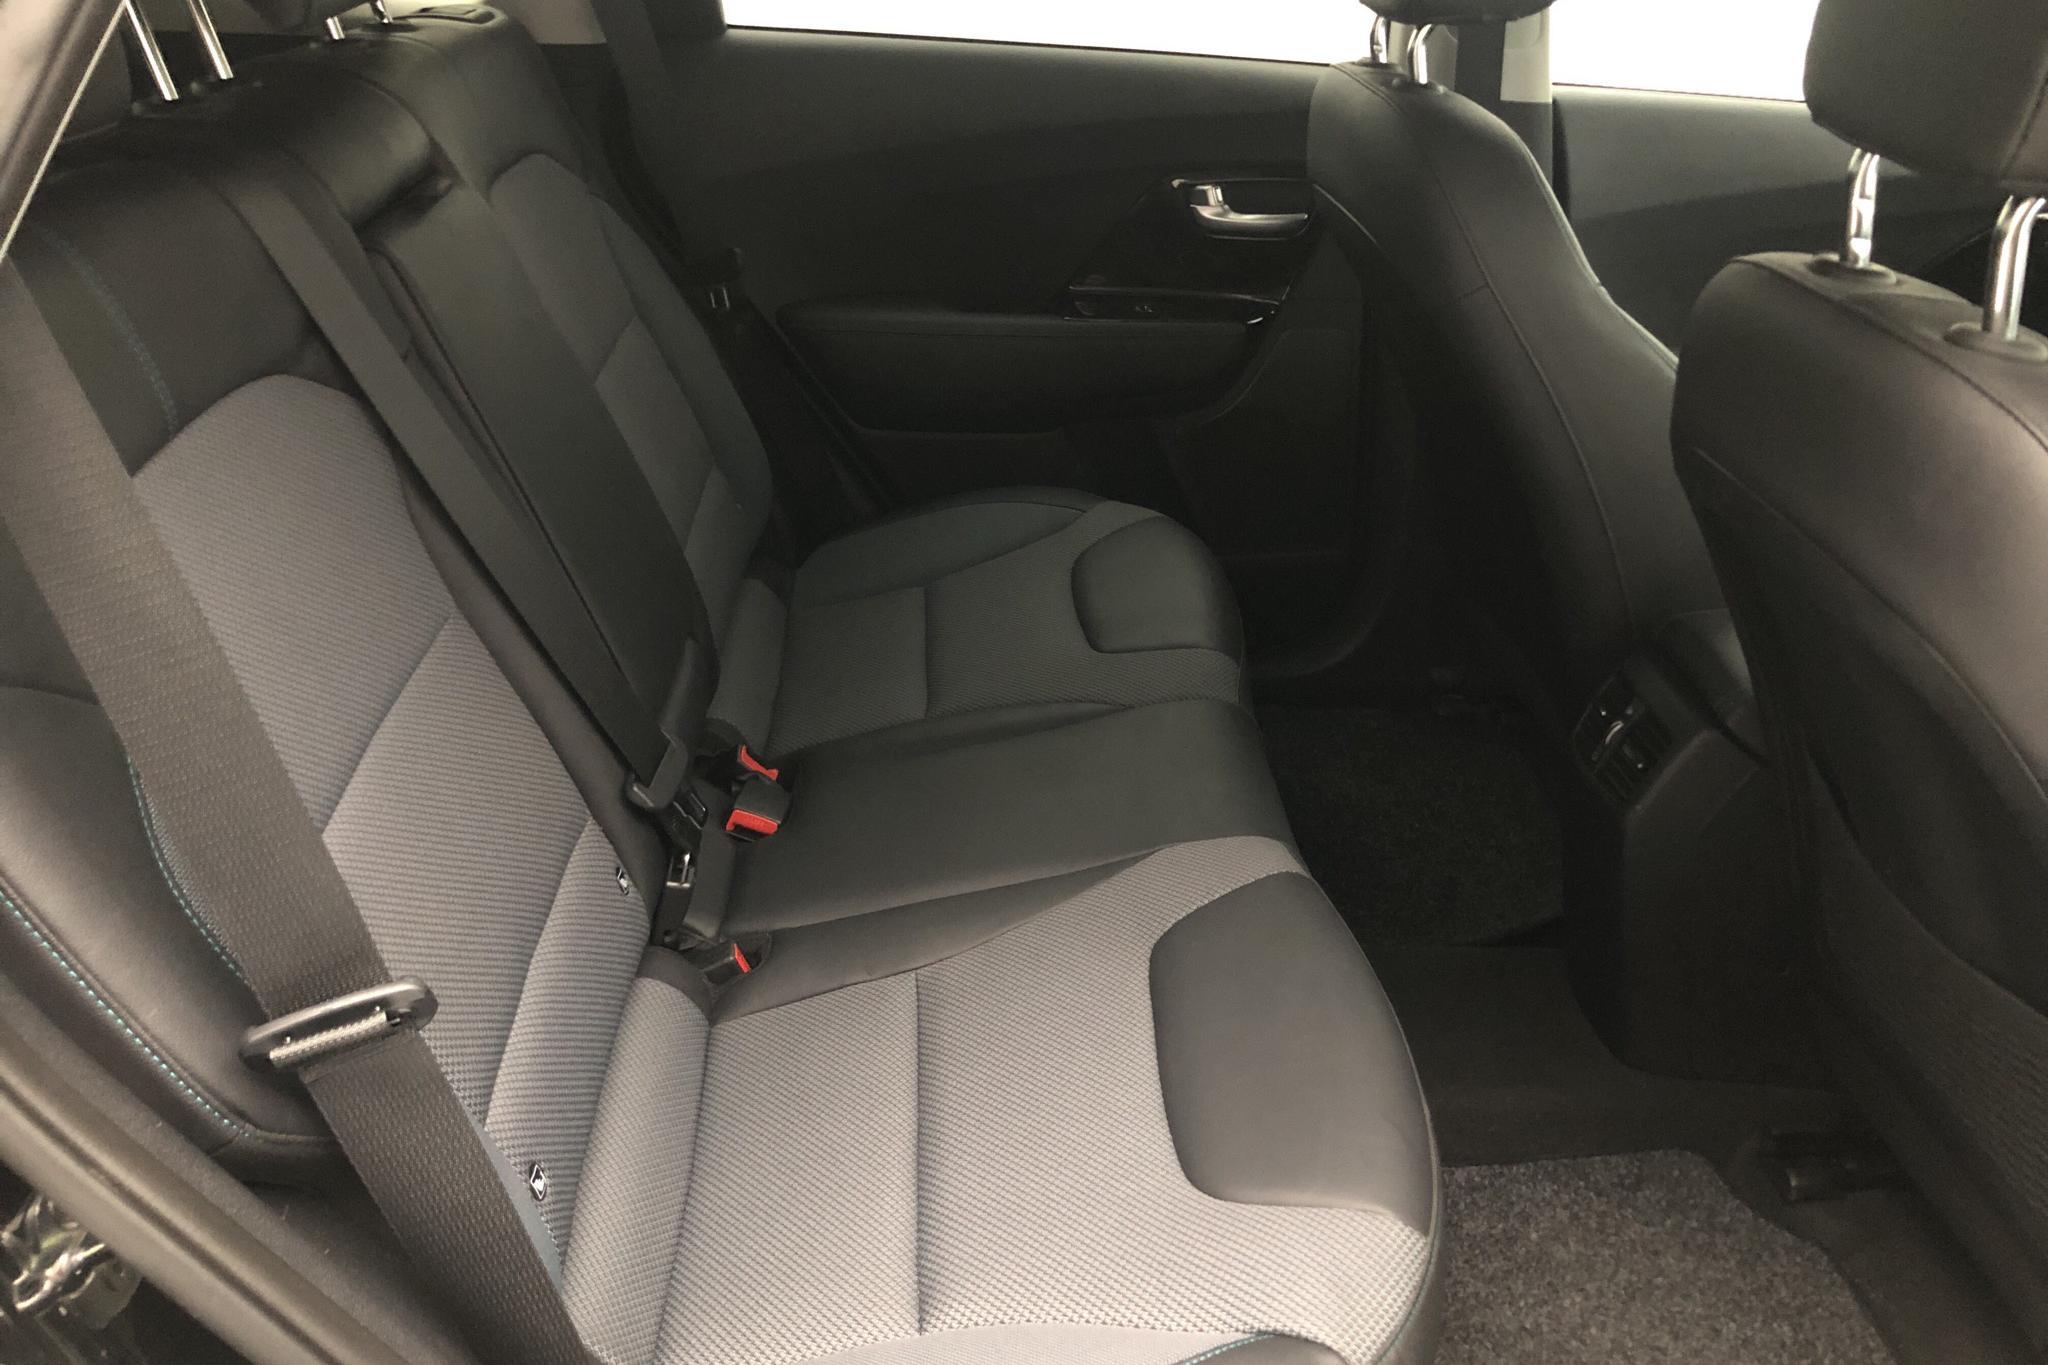 KIA Niro EV 64 kWh (204hk) - 35 660 km - Automatic - black - 2019